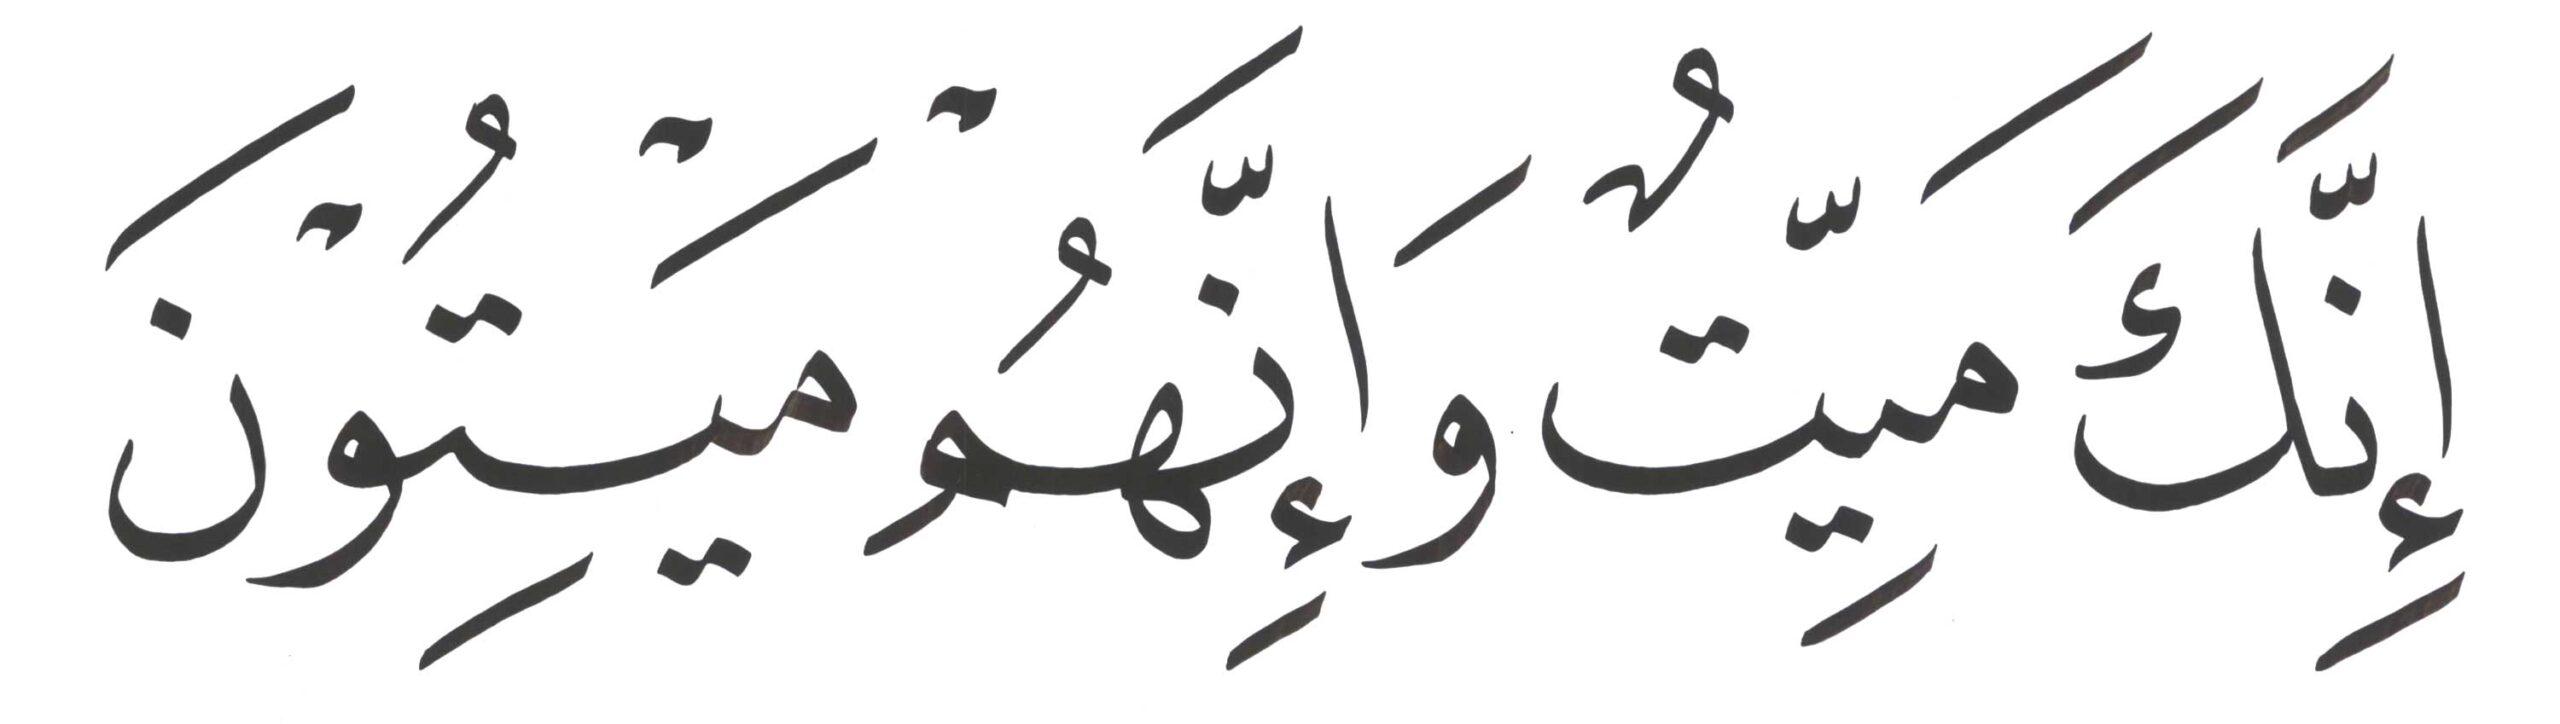 39 30 Naskh